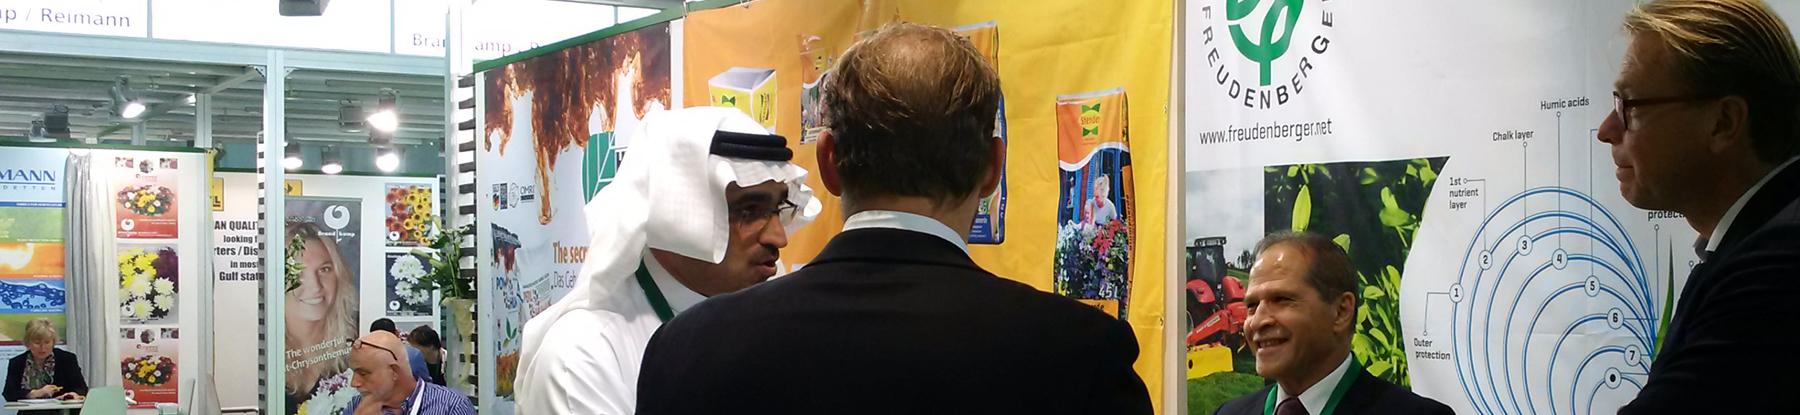 تور نمایشگاه گل و گیاه دبی امارات( 2017 IPM)